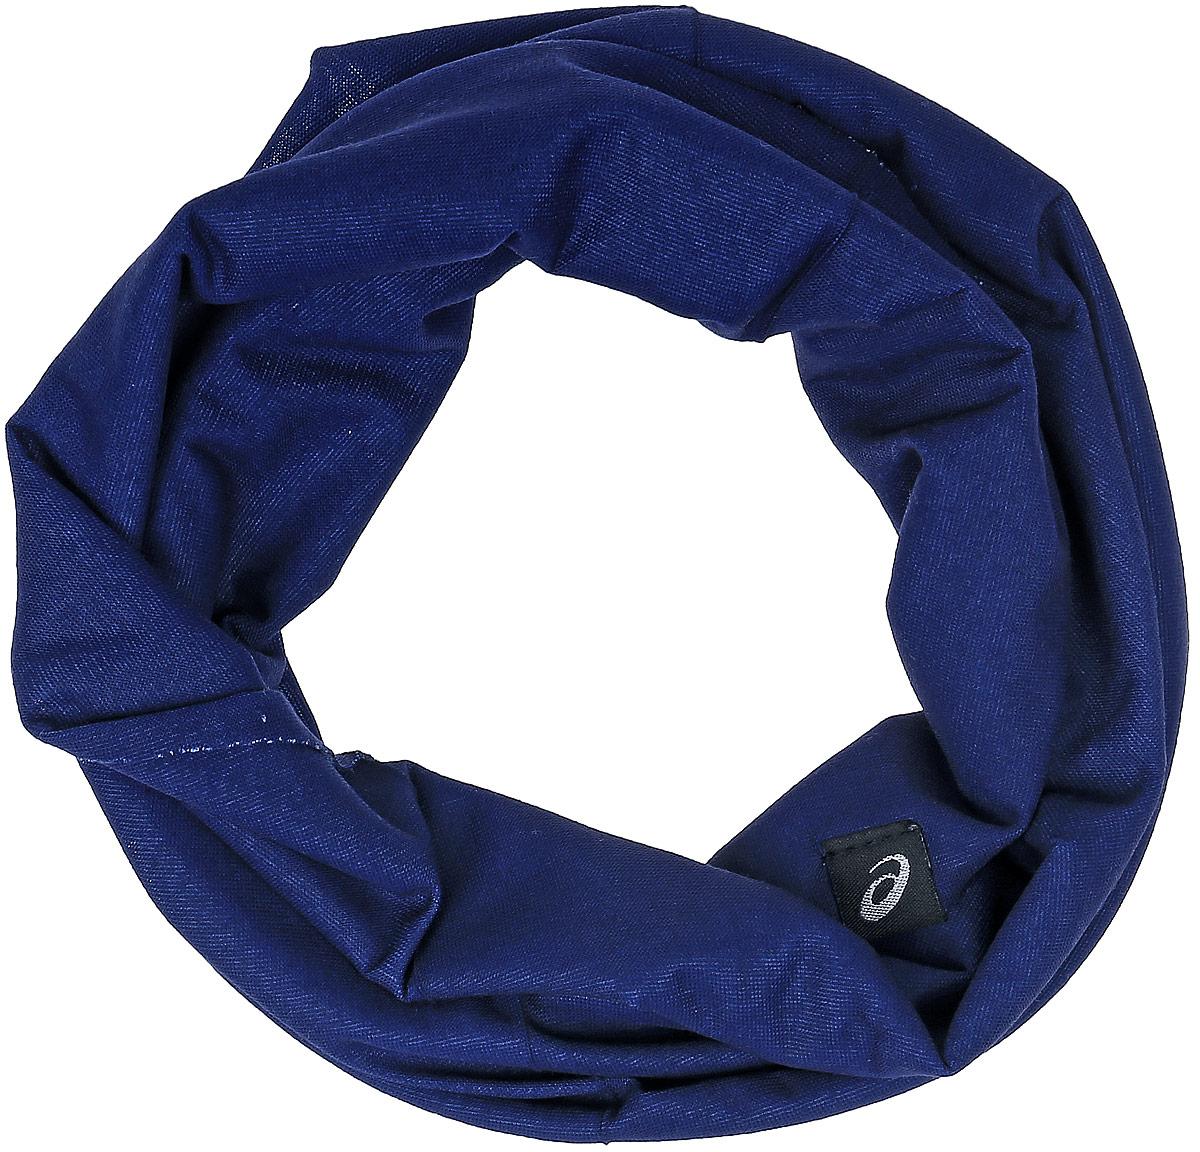 Повязка на голову127679-8052Повязка на голову-трансформер Light Tube выполнена из высококачественного полиэстера. Благодаря своей оригинальной форме, повязка легко трансформируется в широкий шарф, шапочку-бини или повязку на руку. Легкий и мягкий материал превосходно отводит влагу от тела и обеспечивает необходимую циркуляцию воздуха.